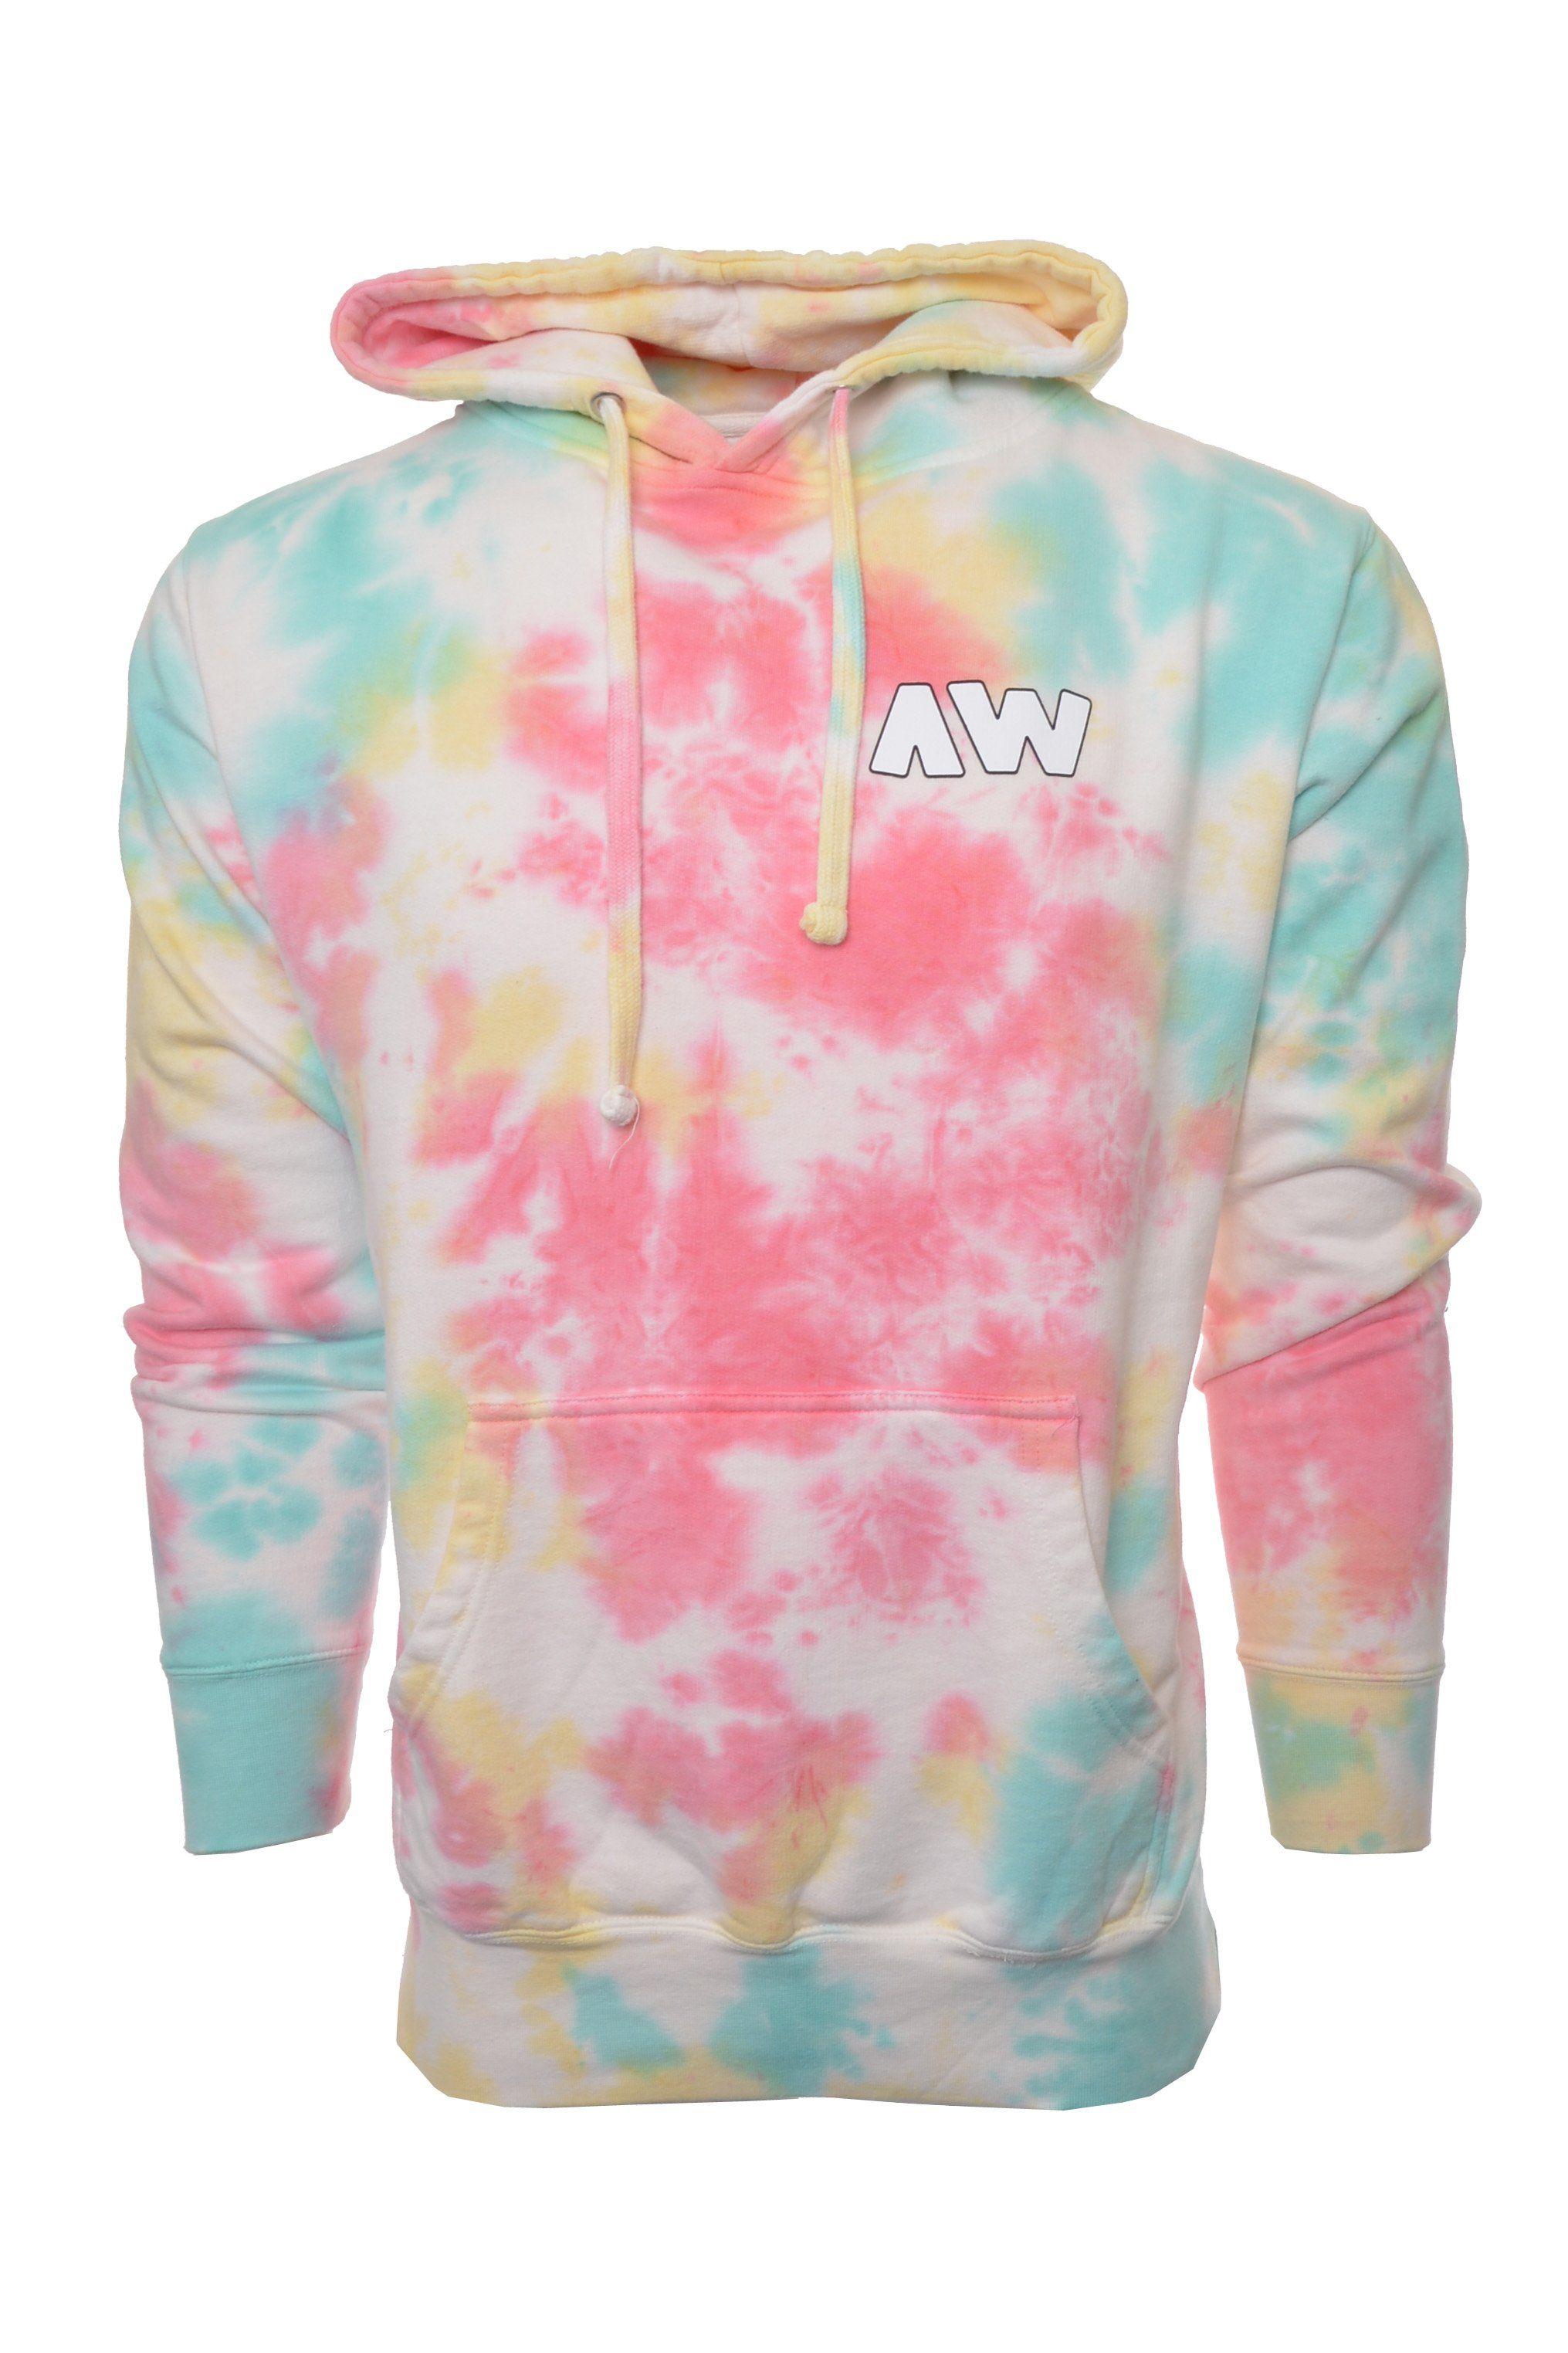 Aw Multicolor Tie Dye Hoodie Hoodies Alex Wassabi Sweatshirts Hoodie [ 3047 x 2031 Pixel ]